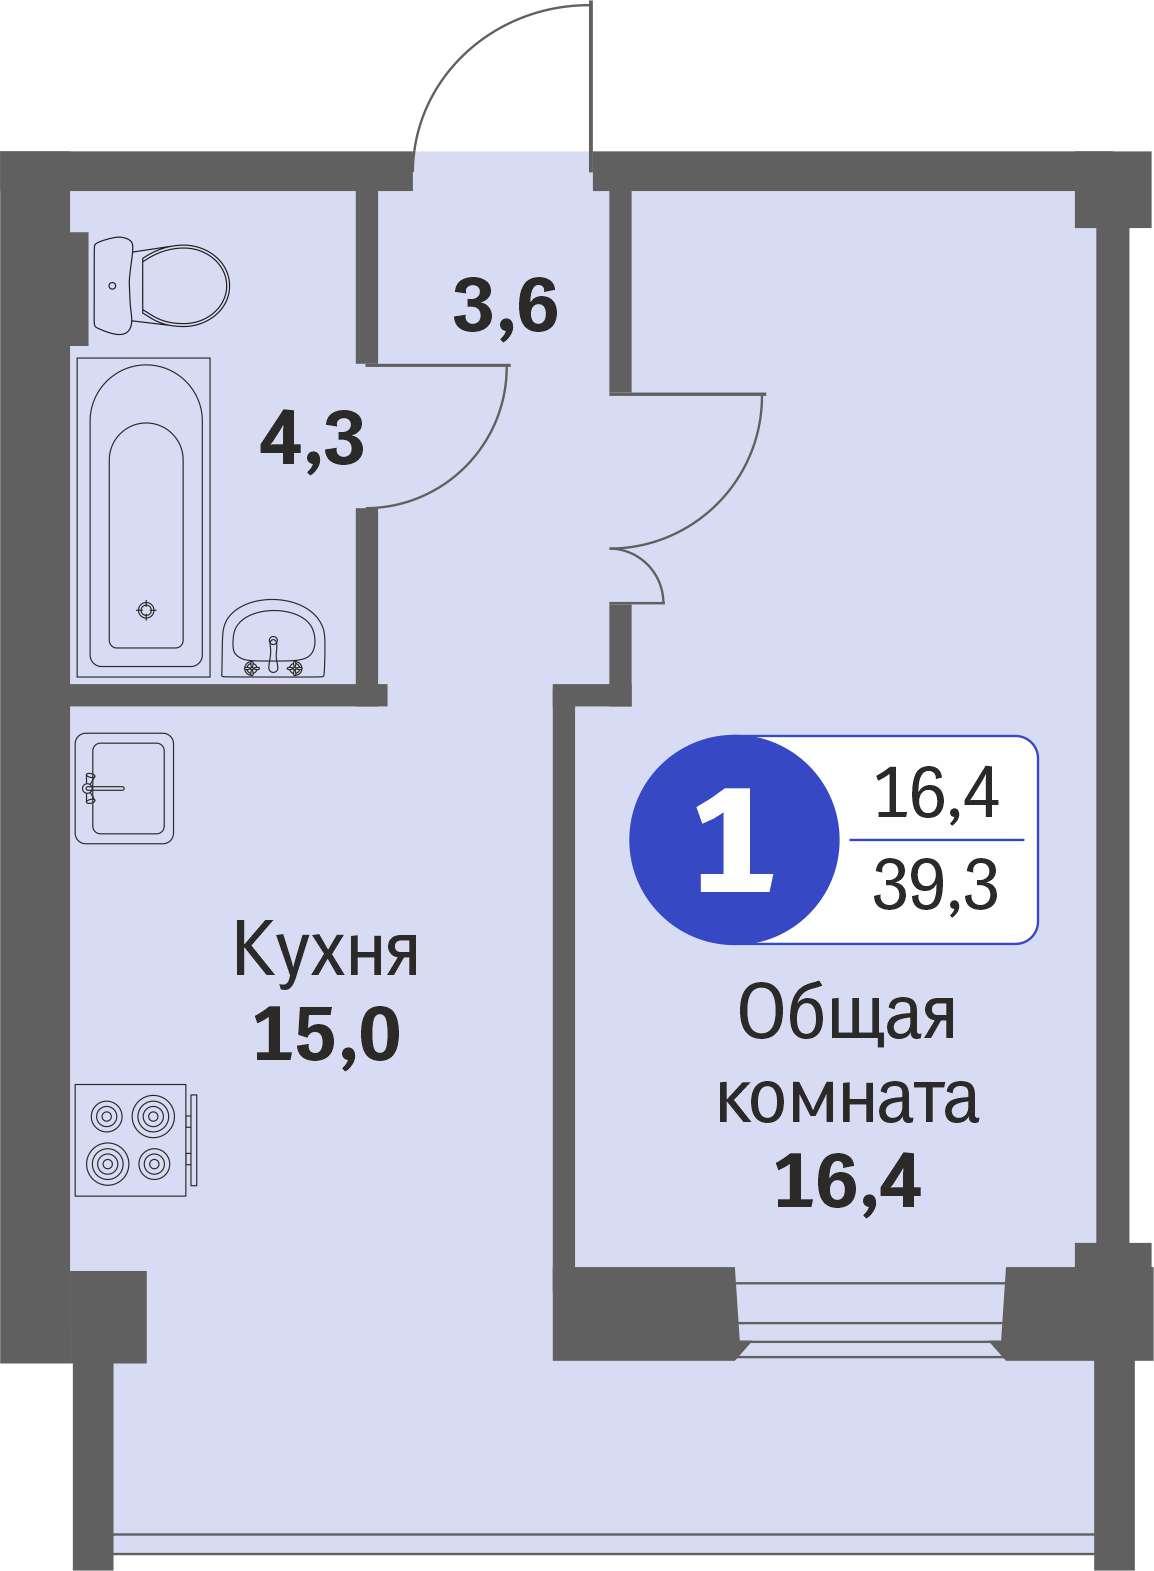 ул. Свиридова д.8, квартира 76 - Однокомнатная